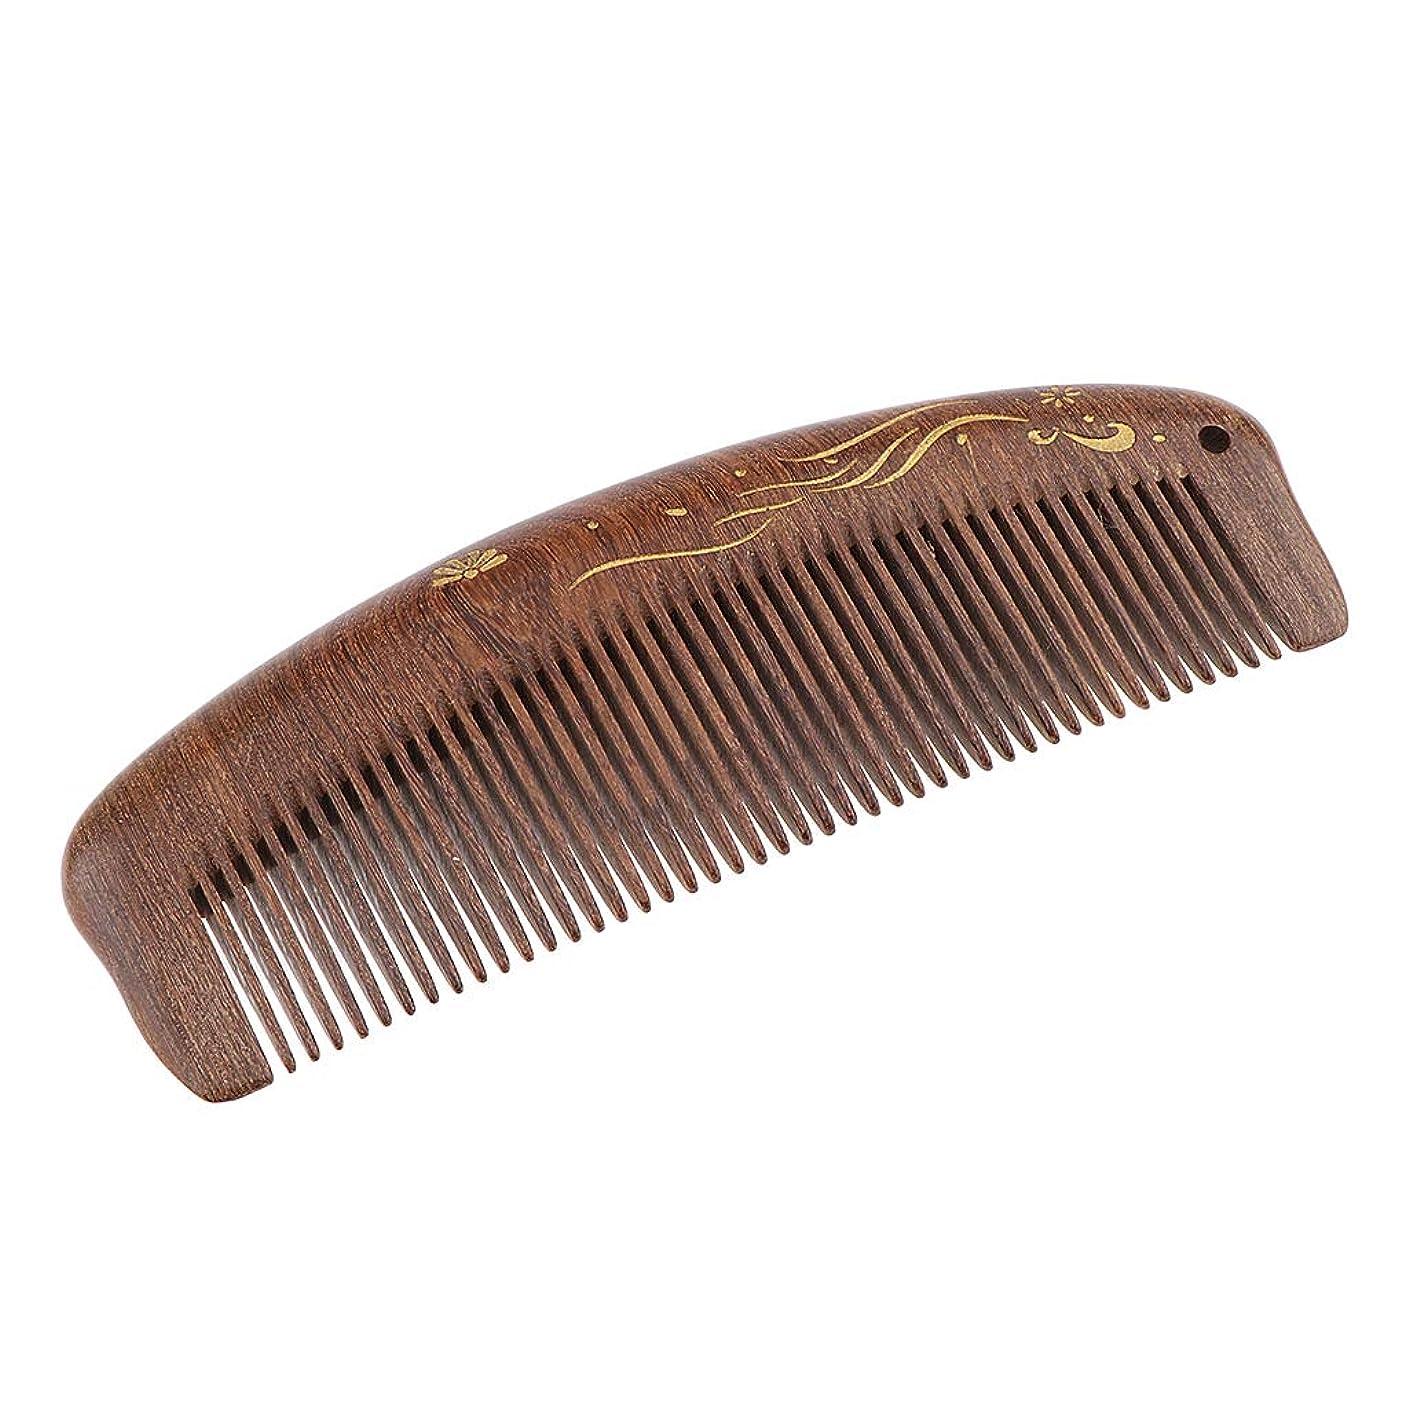 回復する値不機嫌そうなB Blesiya 帯電防止櫛 ウッドコーム ヘアサロン ヘアブラシ 3仕様選べ - 細かい歯